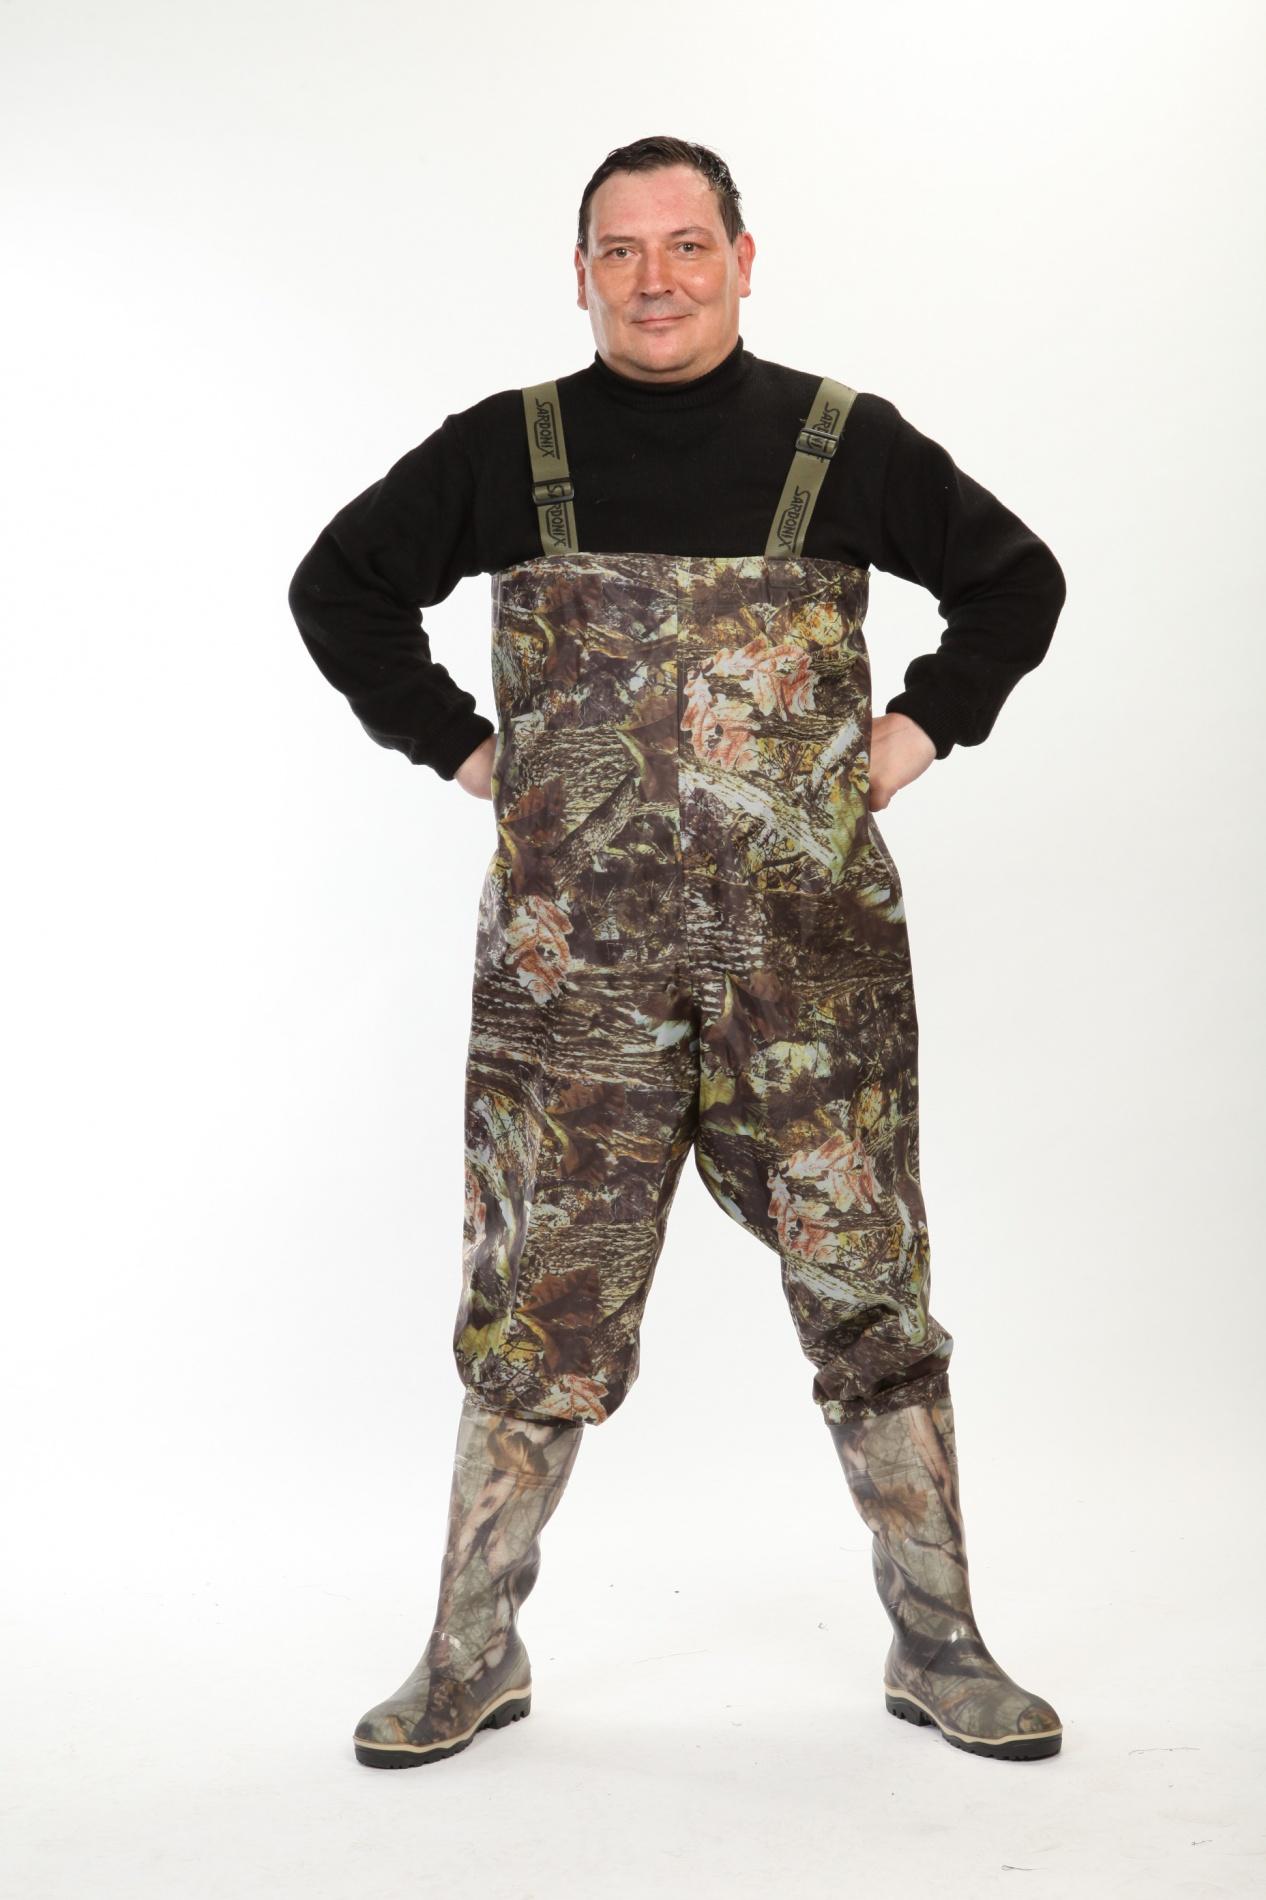 Полукомбинезон рыбацкий КОЛУМБ кмф (SARDONIX), Полукомбинезоны рыбацкие<br>Верх рыбацкого полукомбенизо изготовлен <br>из винитола, обладающего высокой прочностью, <br>износостойкостью и эалстичностью. Винитол <br>герметично соединен с коротким сапогом, <br>что позволяет носить его поверх верхней <br>одежды. Низ галоши выполнен методом трехкомпонентного <br>литья с применением третьего дополнительного <br>промежуточного слоя подошвы из вспененного <br>ПВХ, что придает обуви высокие амортизационные, <br>теплозащитные, антистатические и противоскользящие <br>свойства.<br><br>Пол: мужской<br>Размер: 47(не выставлять)<br>Сезон: лето